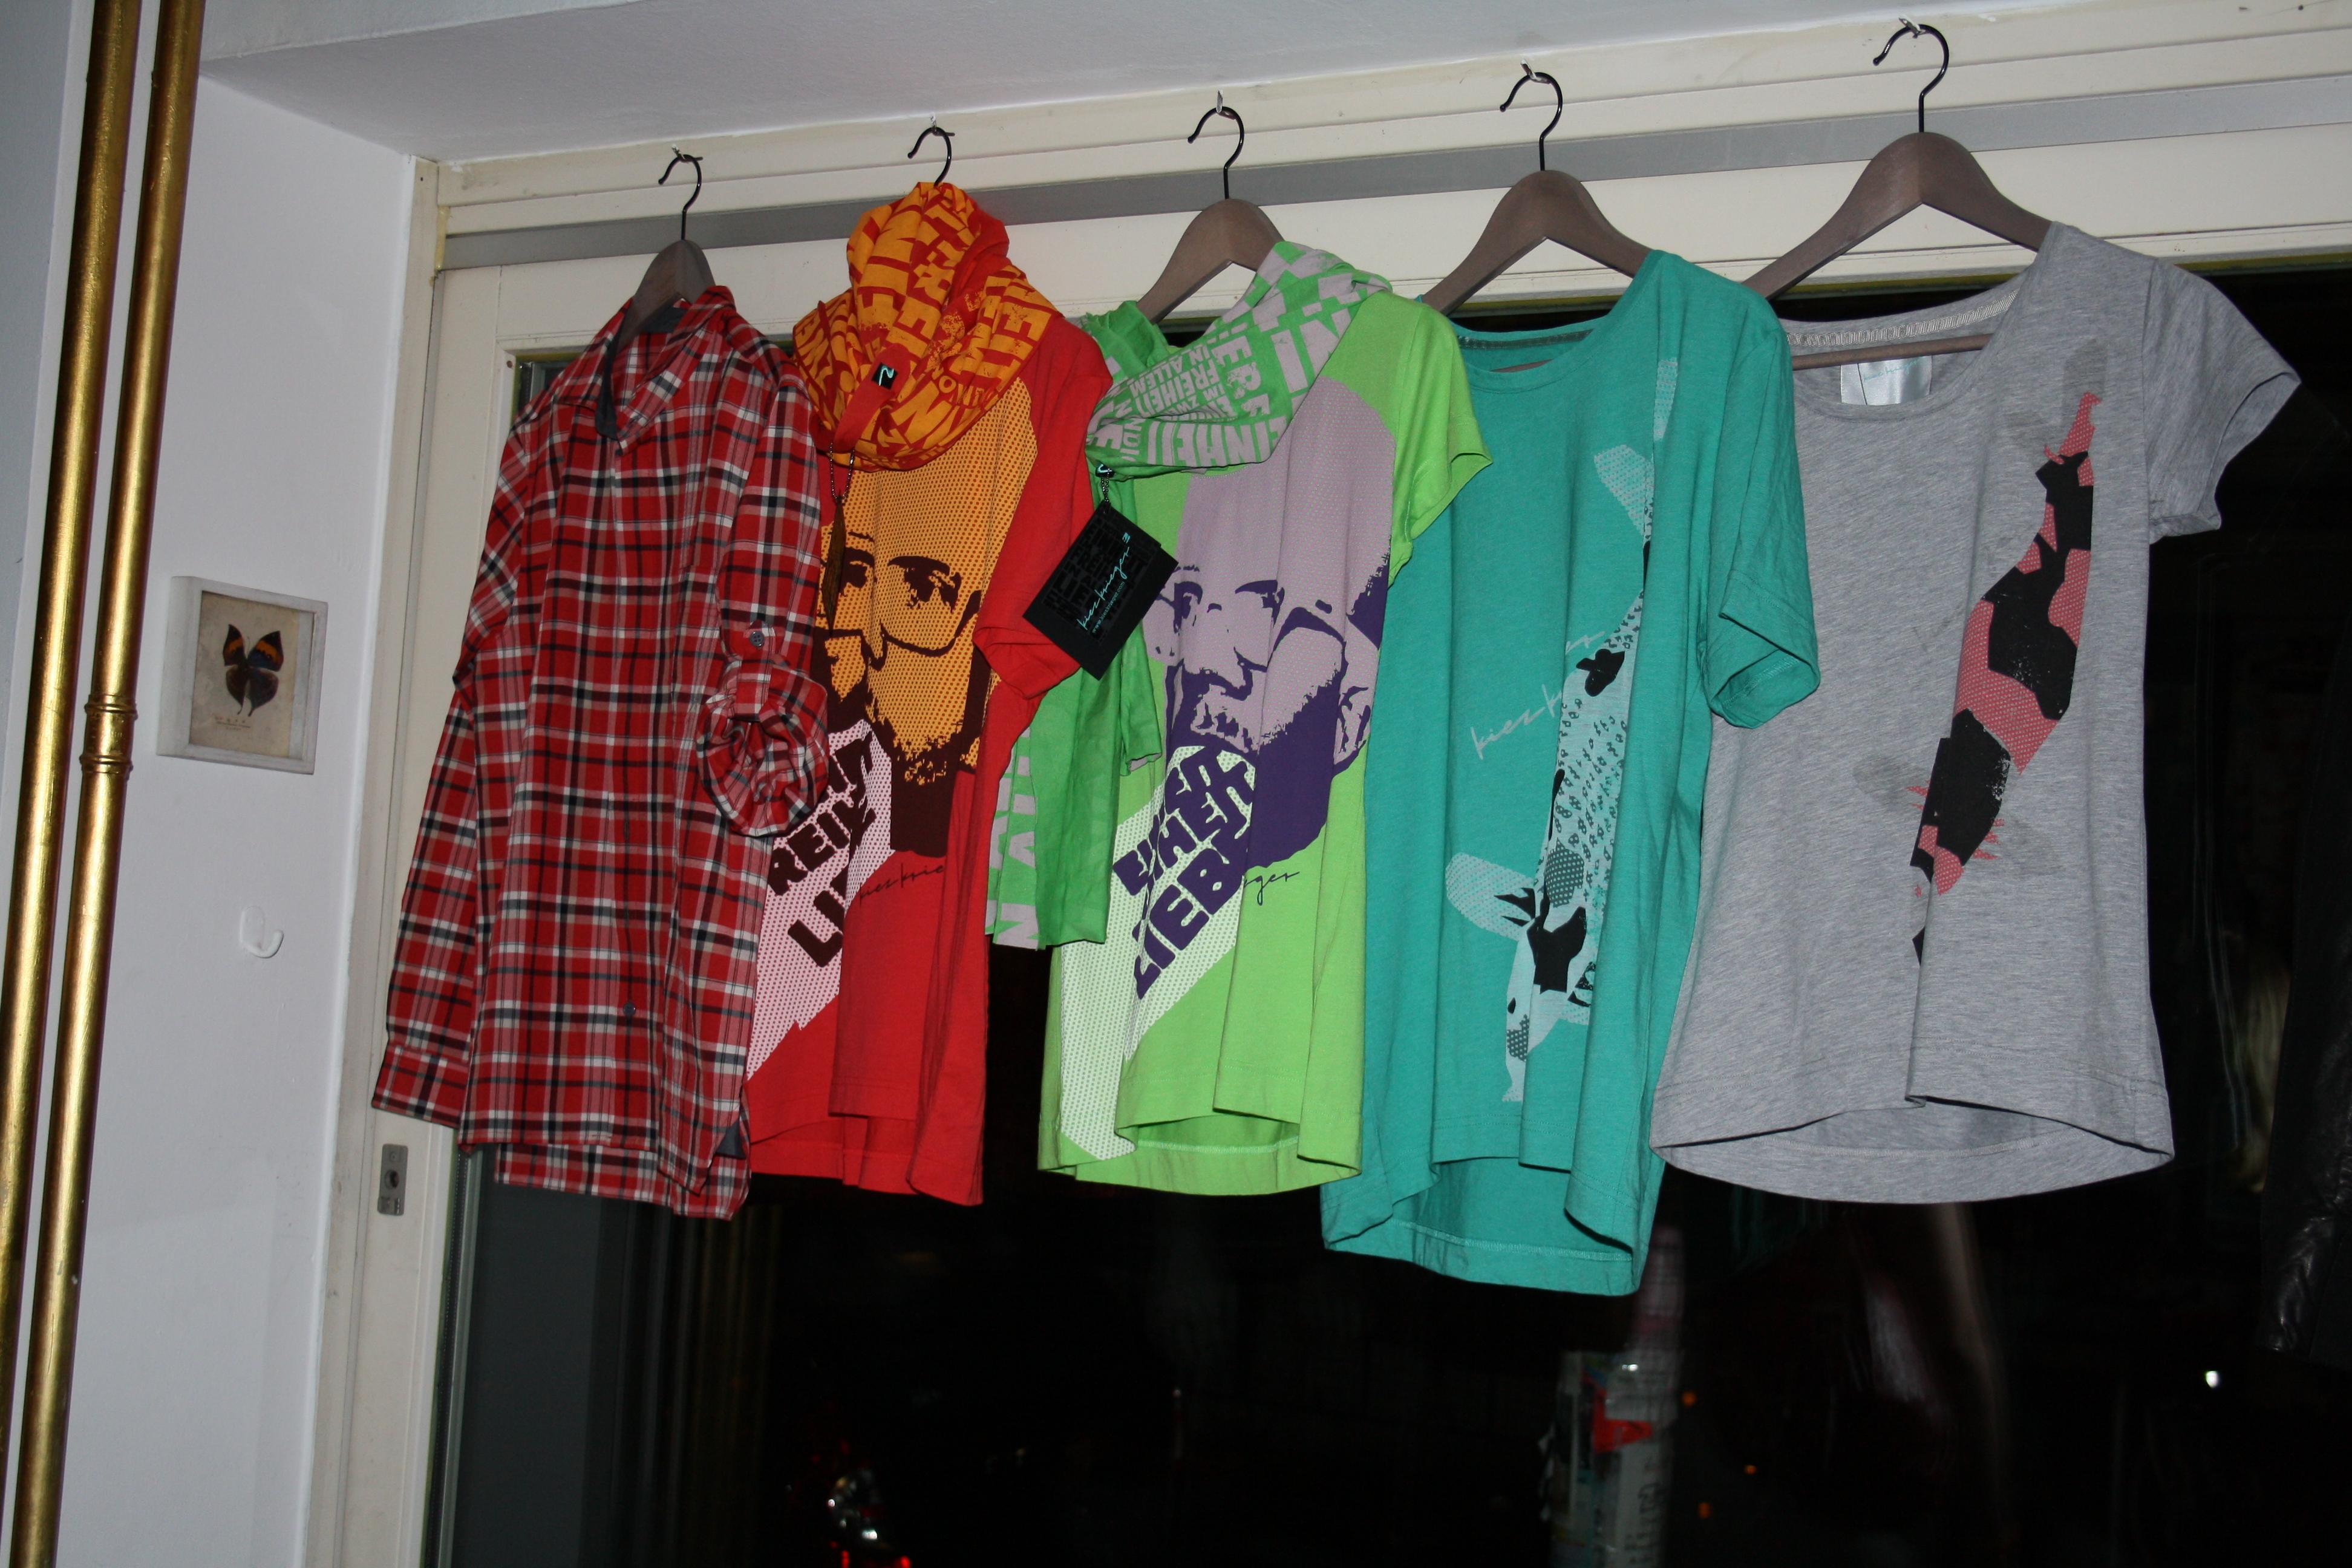 Kiezkrieger Shirts